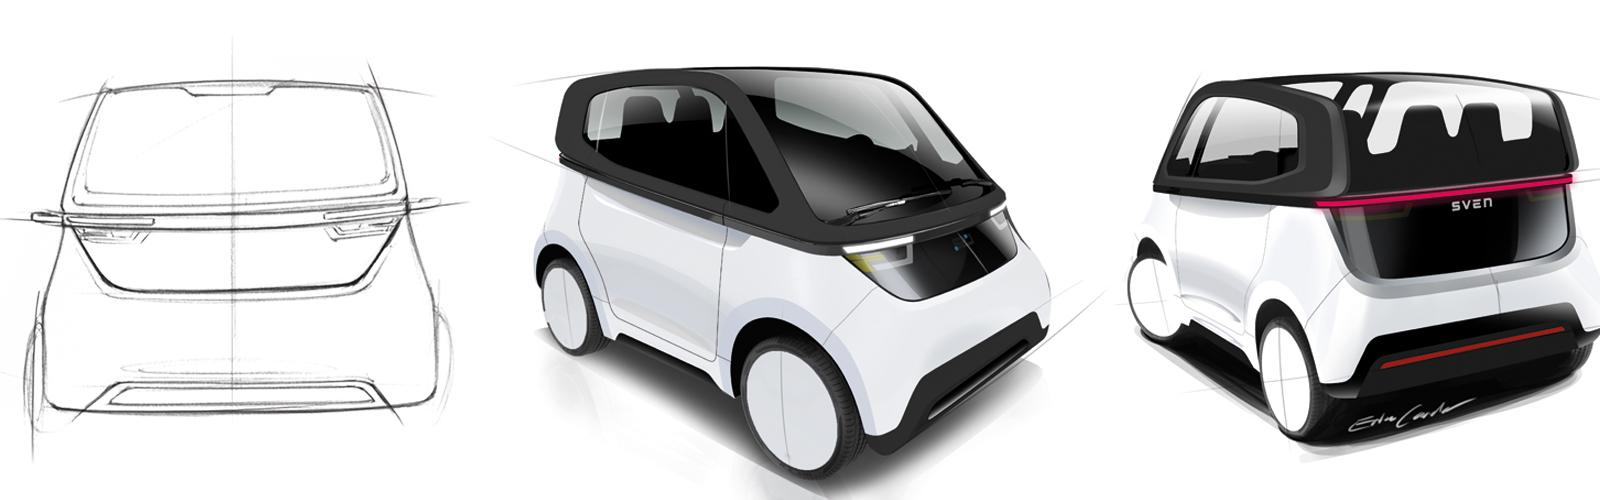 Braunwagner Produkt Industrie Mobility Design SVEN 2018 2019